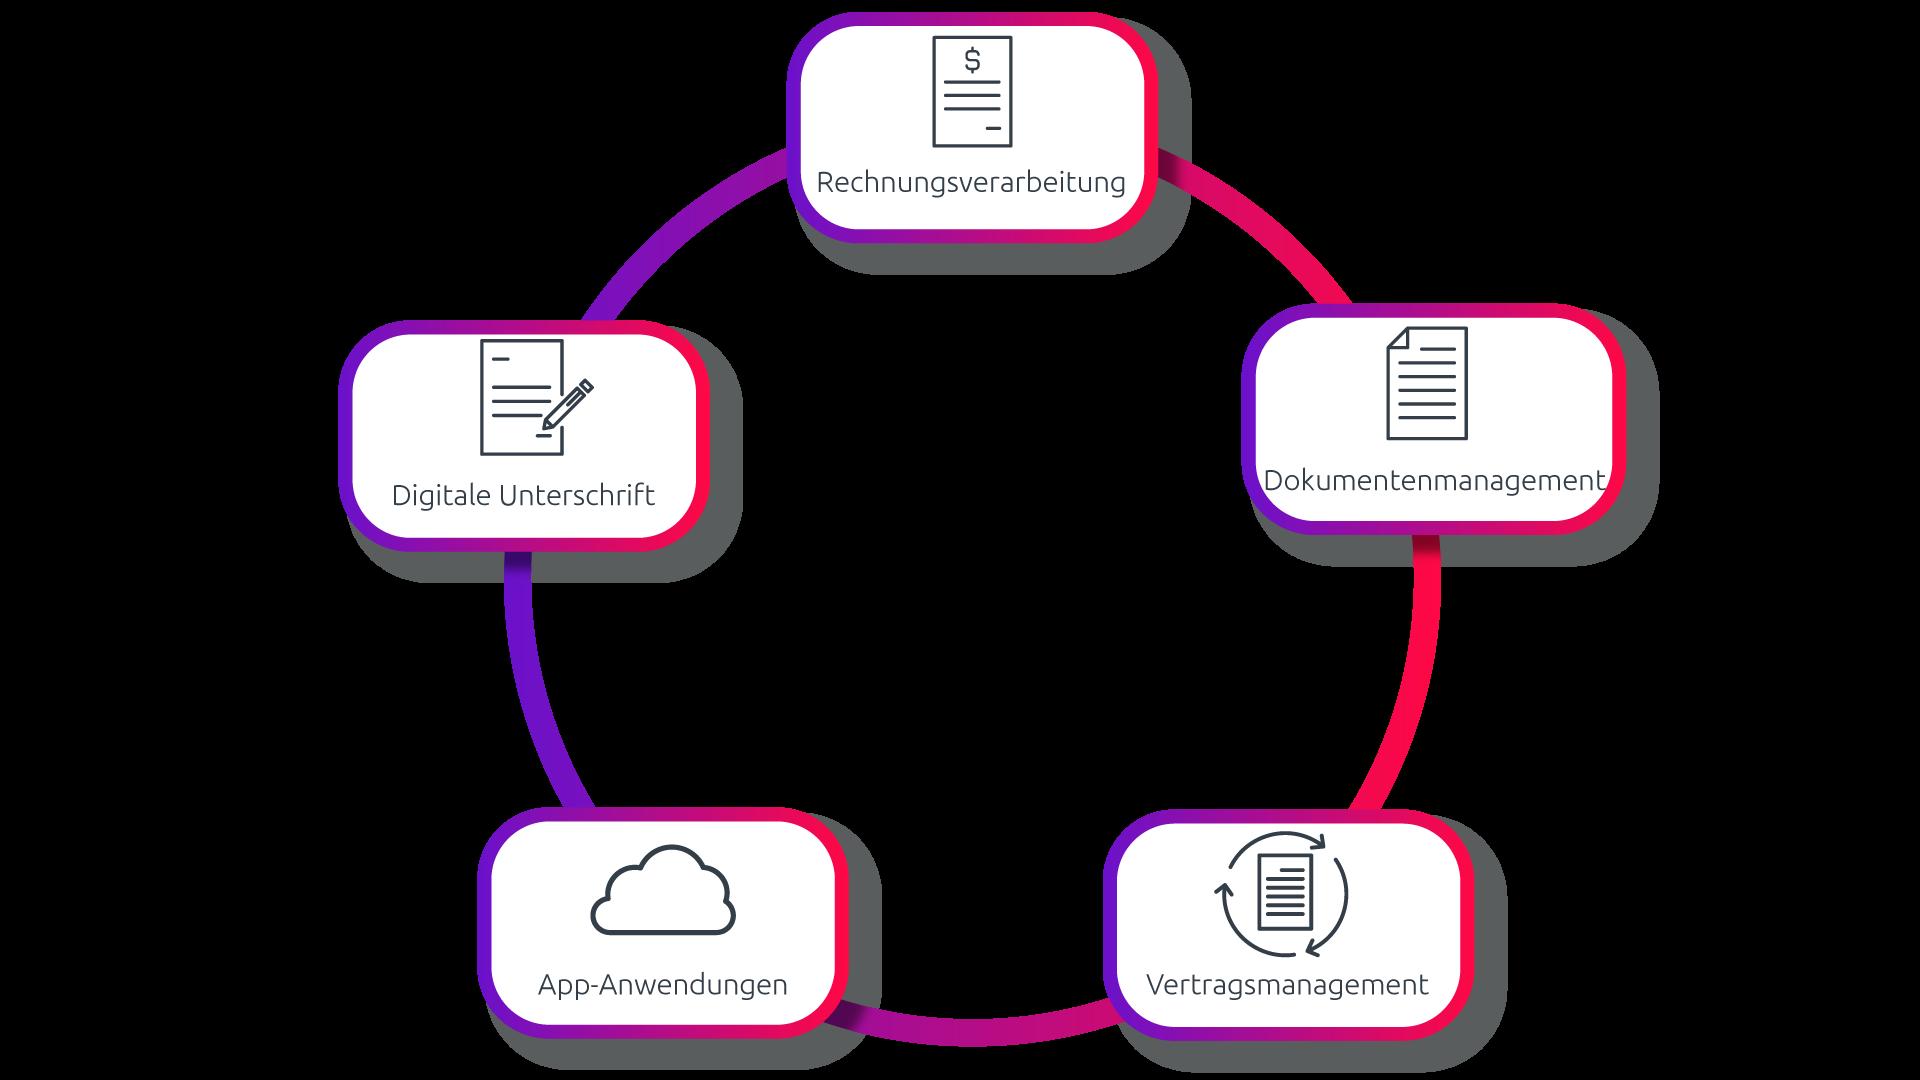 Dokumentenmanagement, Digitale Unterschrift, App-Anwendungen, Vertragsmanagement und Rechnungsverarbeitung: Diese fünf Komponenten sind ein Must-have in jedem ECM